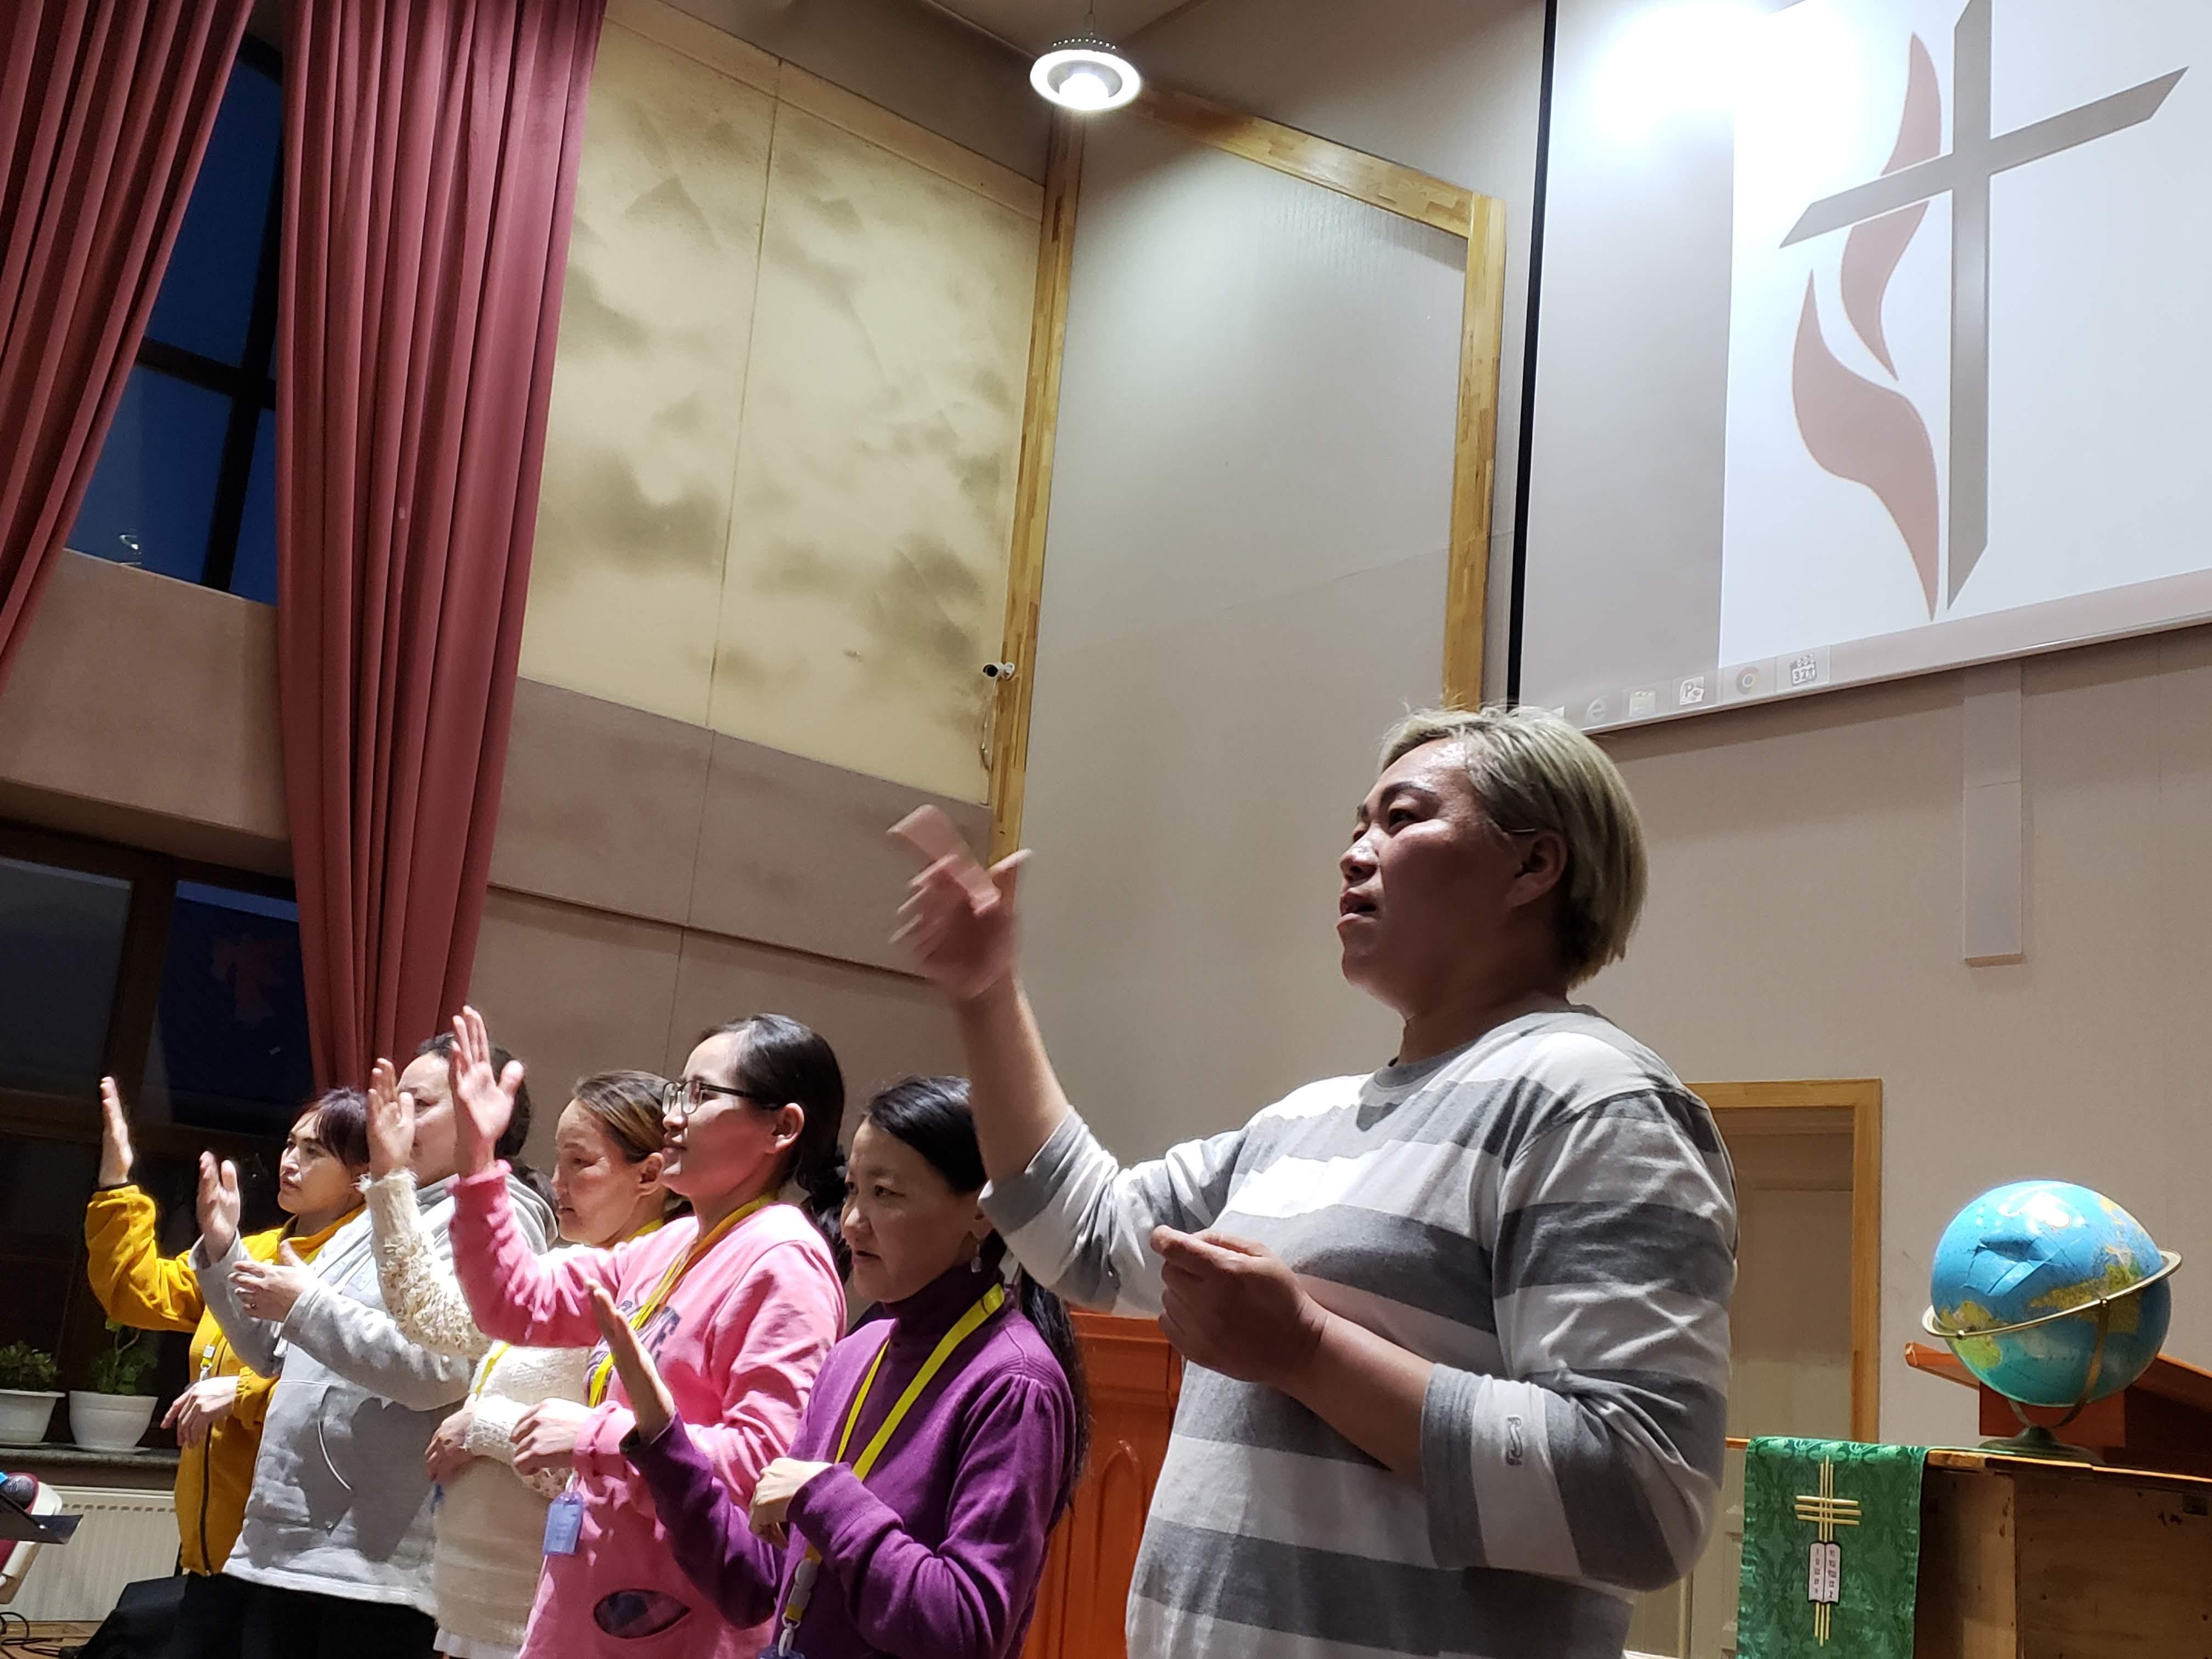 몽골기독여성들이 찬양을 하고 있다. 사진 제공, 한인여선교회 전국연합회.